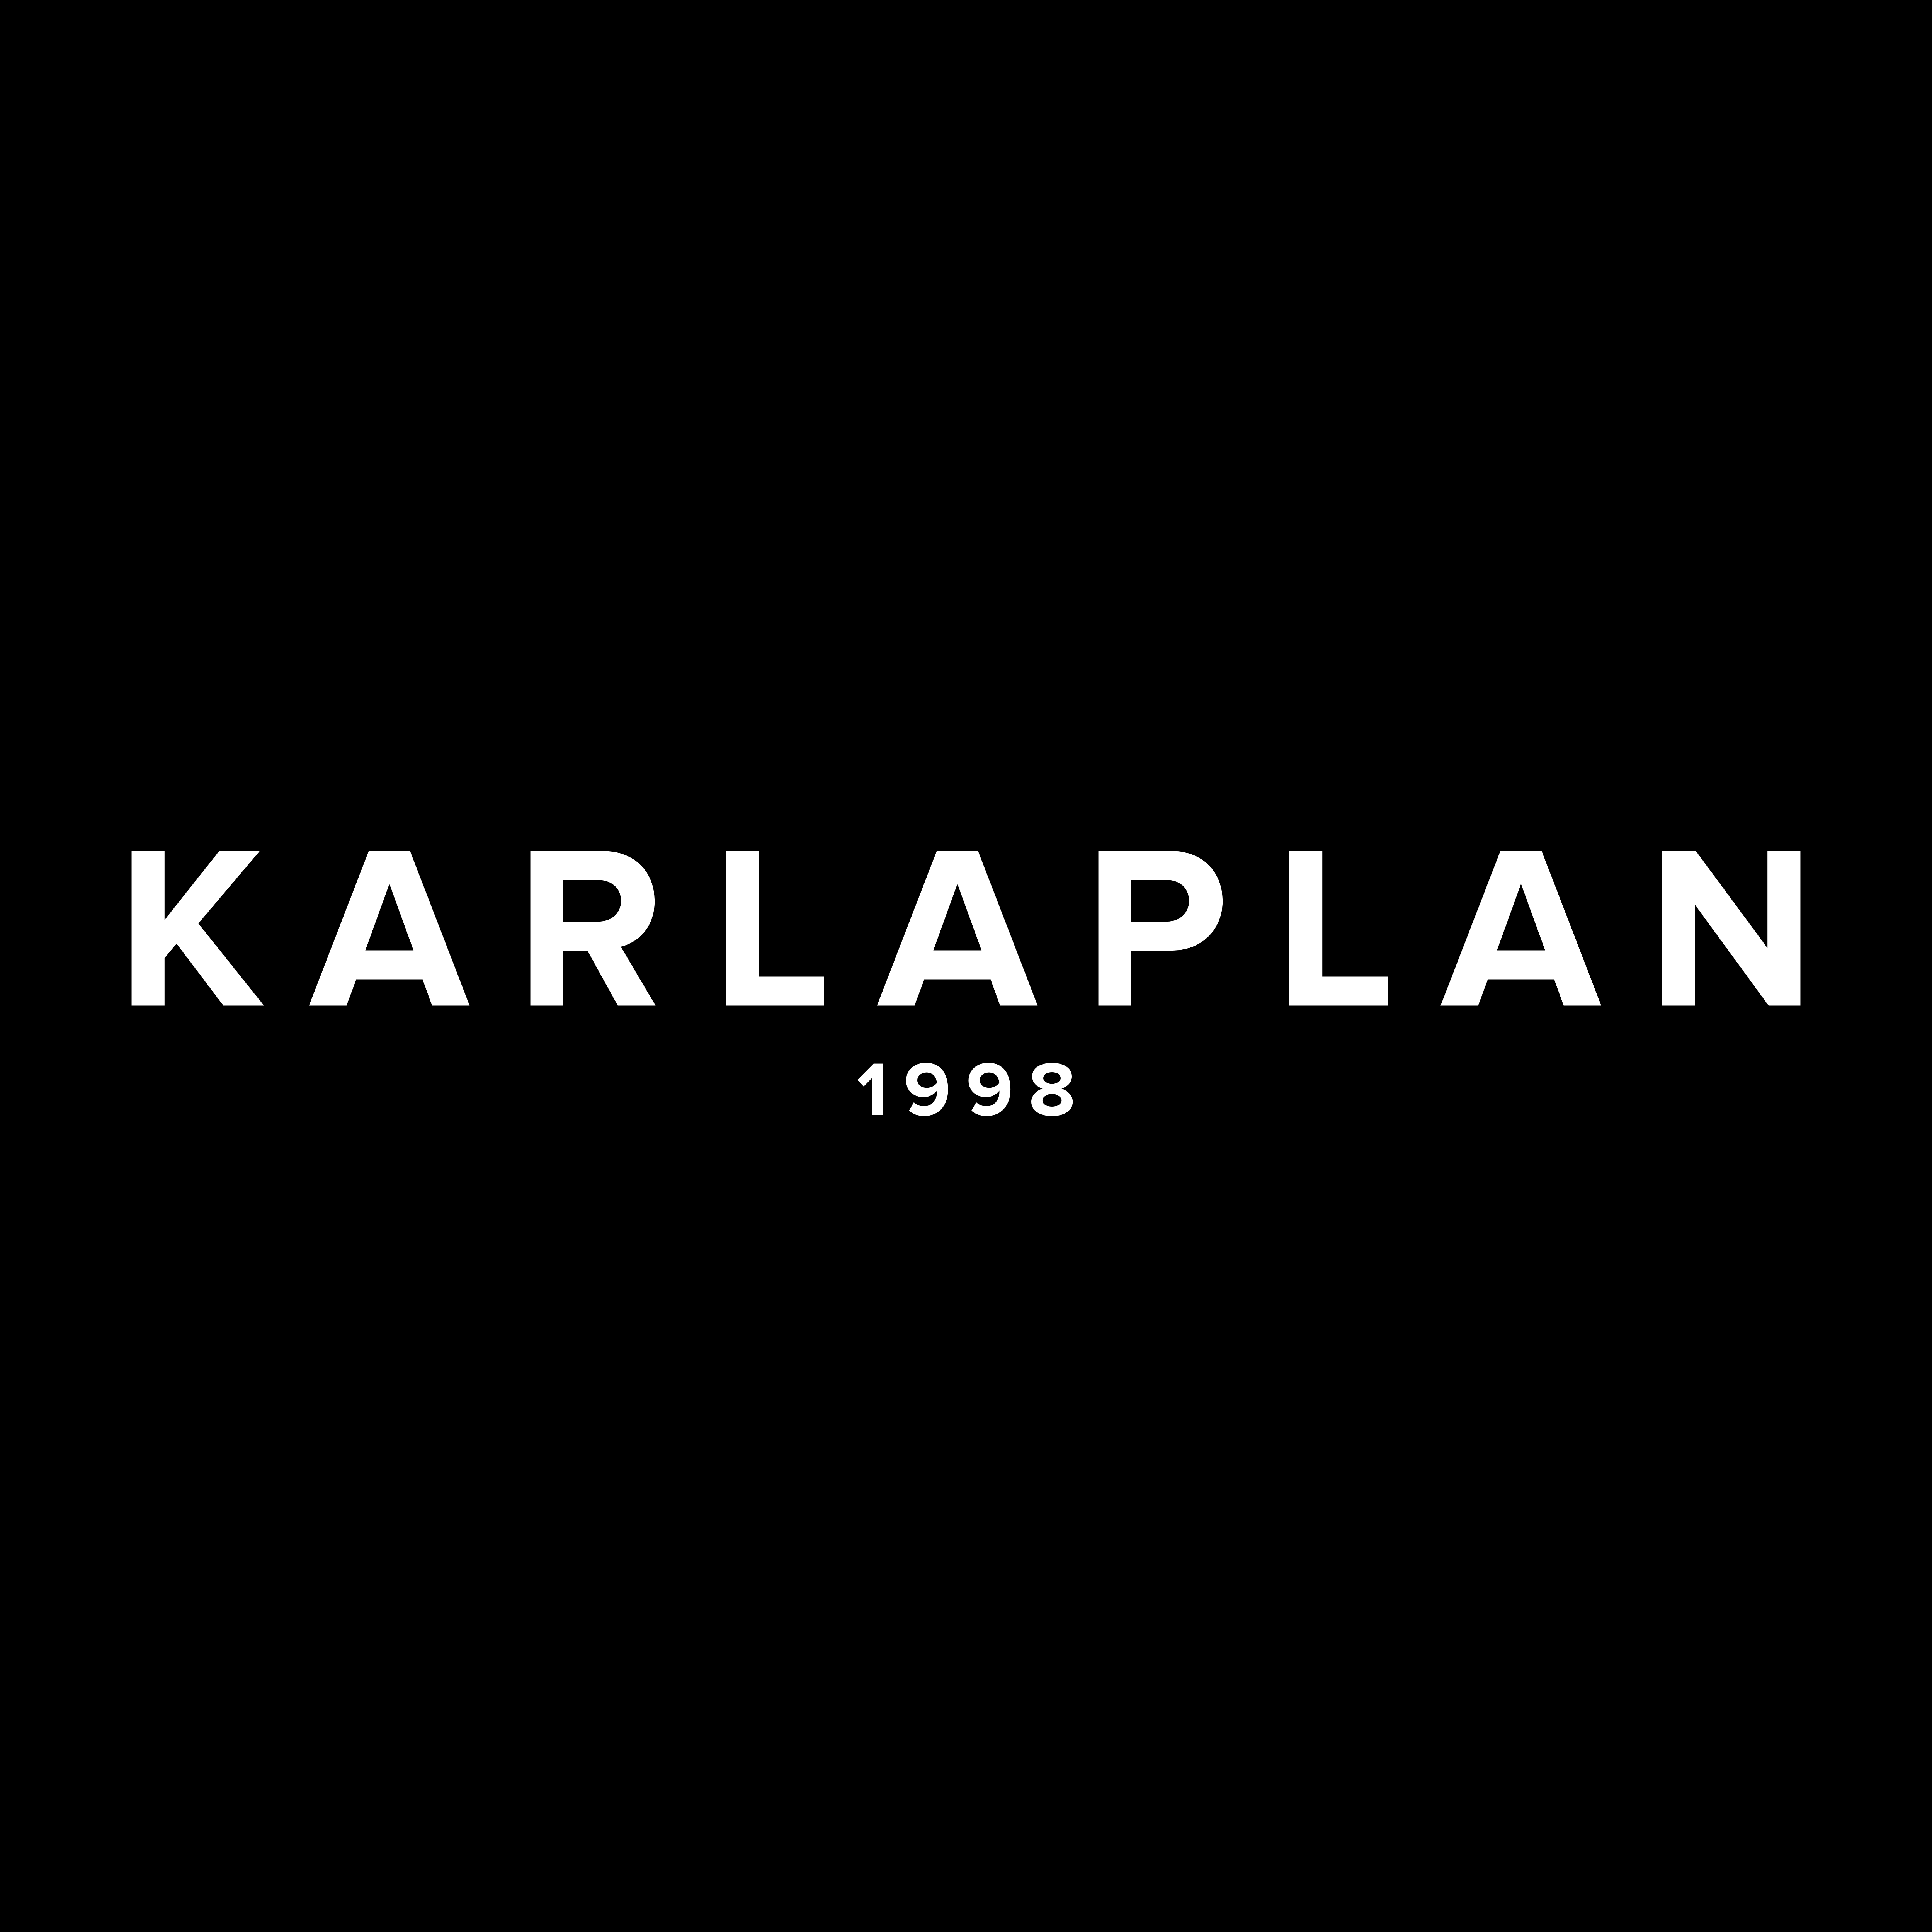 Logo Karlaplan - 1998 - @karlaplan - karlaplan.com